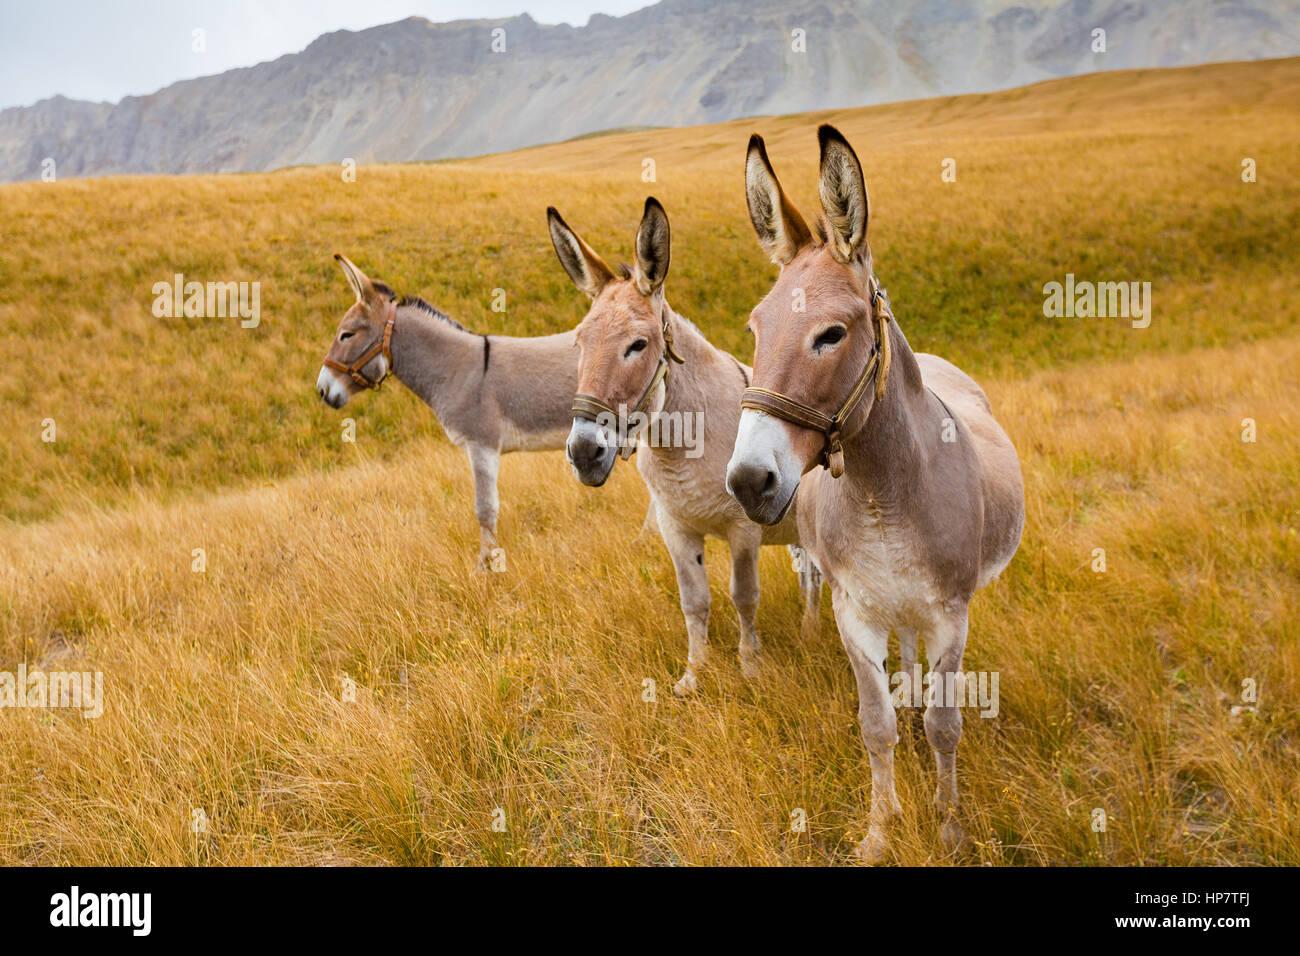 Les ânes, les prairies alpines, Col des pointe Gaspard. Vallée etroite. Photo Stock